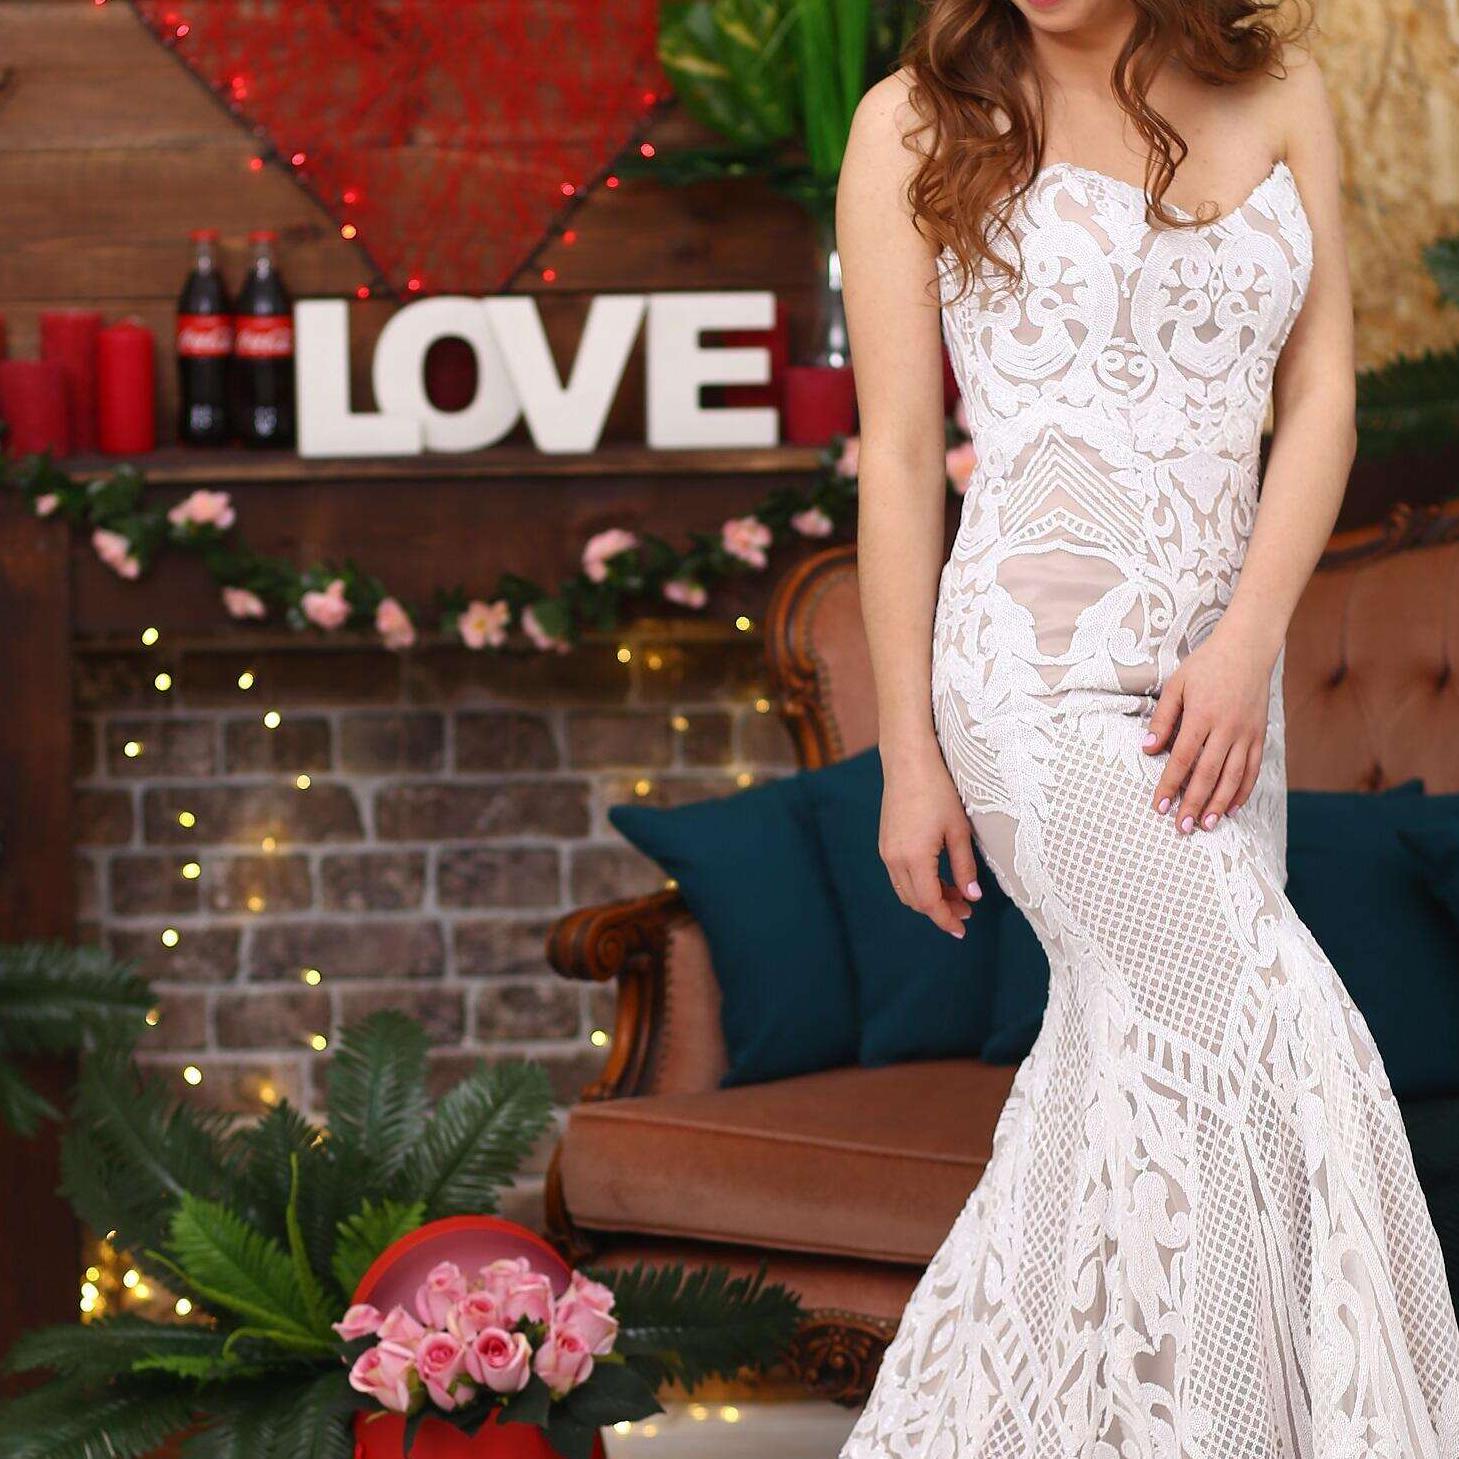 PEV-L3036 カスタマイズされたリアル恋人ストラップレススパンコールブライダルドレスマーメイドウェディングドレス 2020